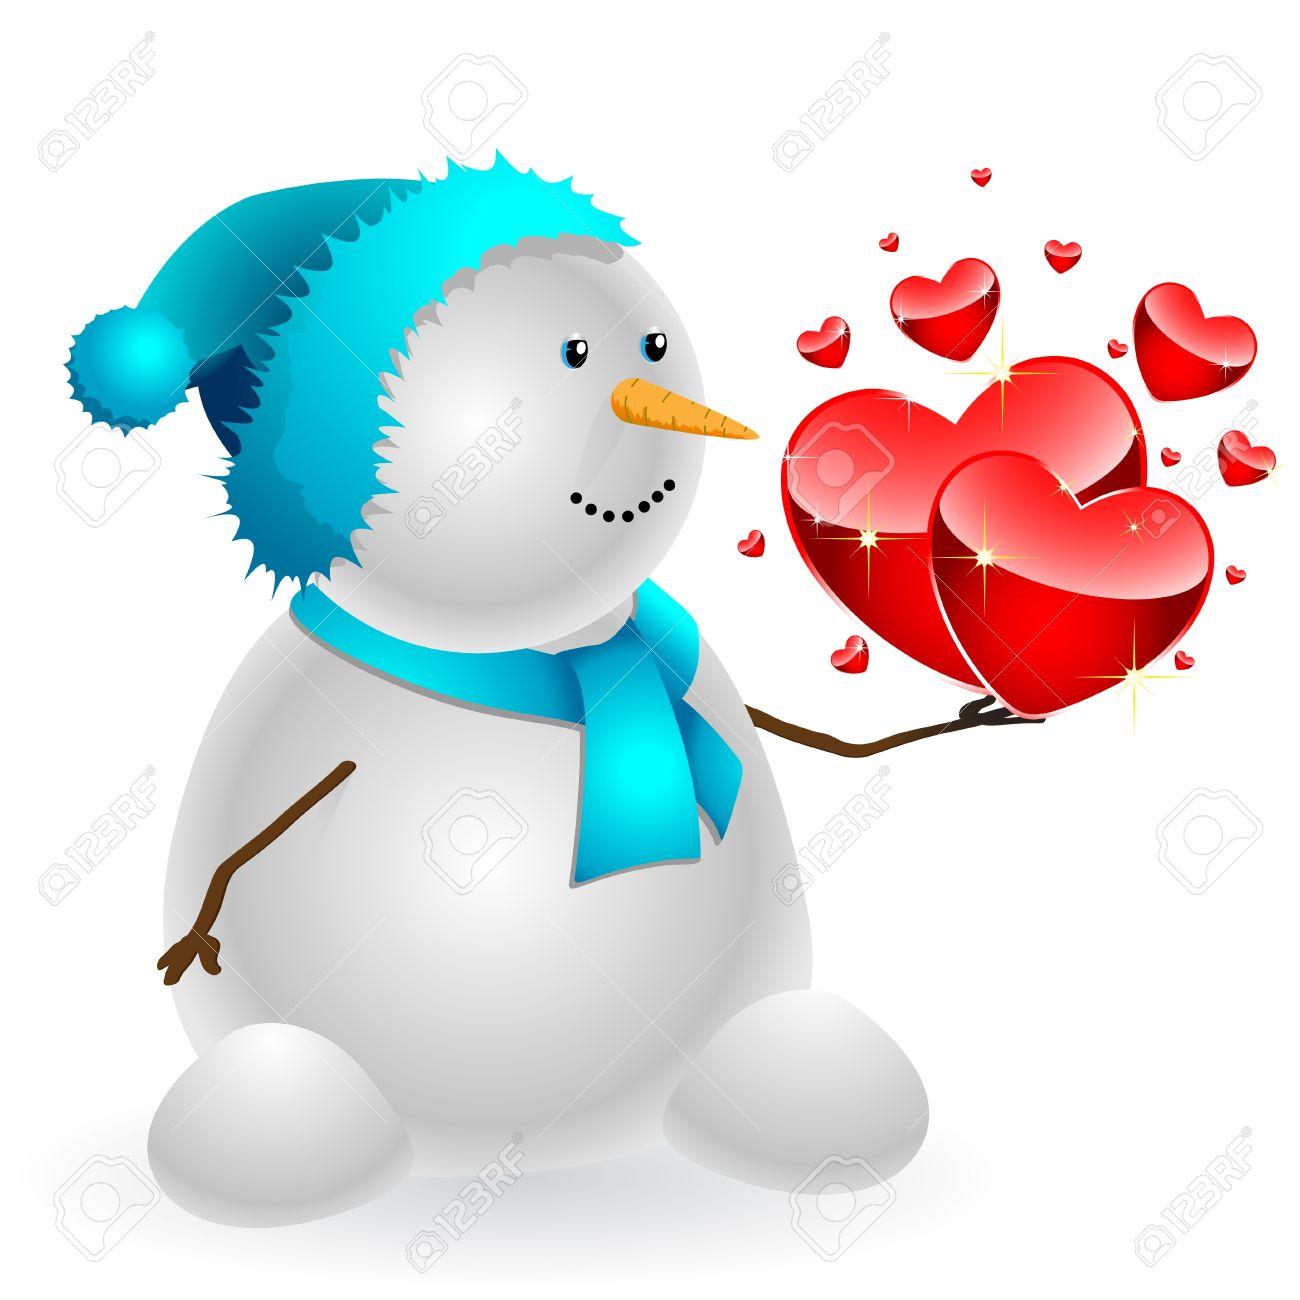 hight resolution of 1300x1300 heart clipart snowman